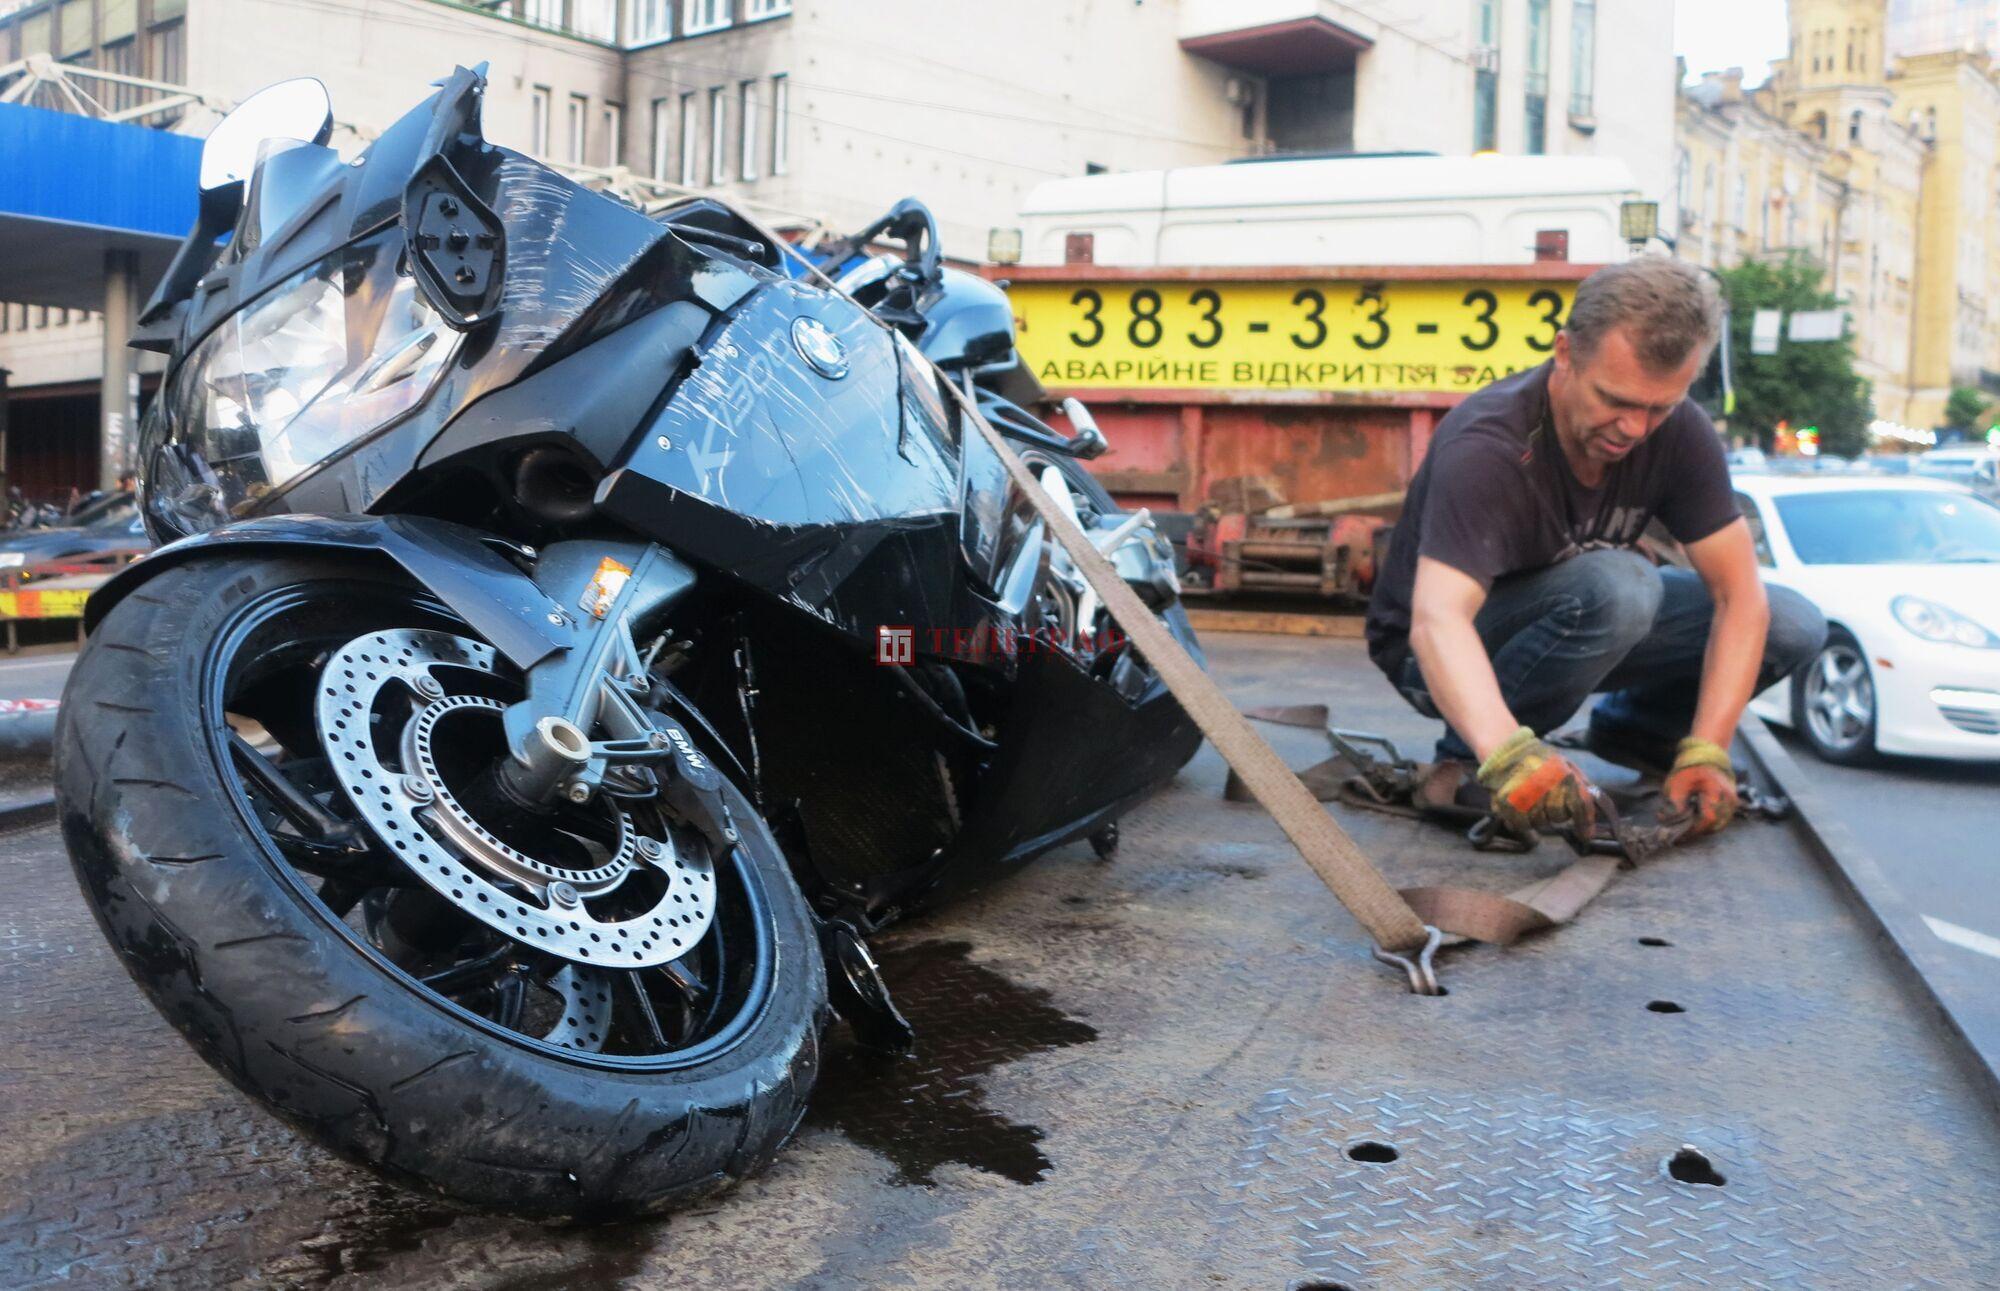 Тренер кермував мотоциклом.